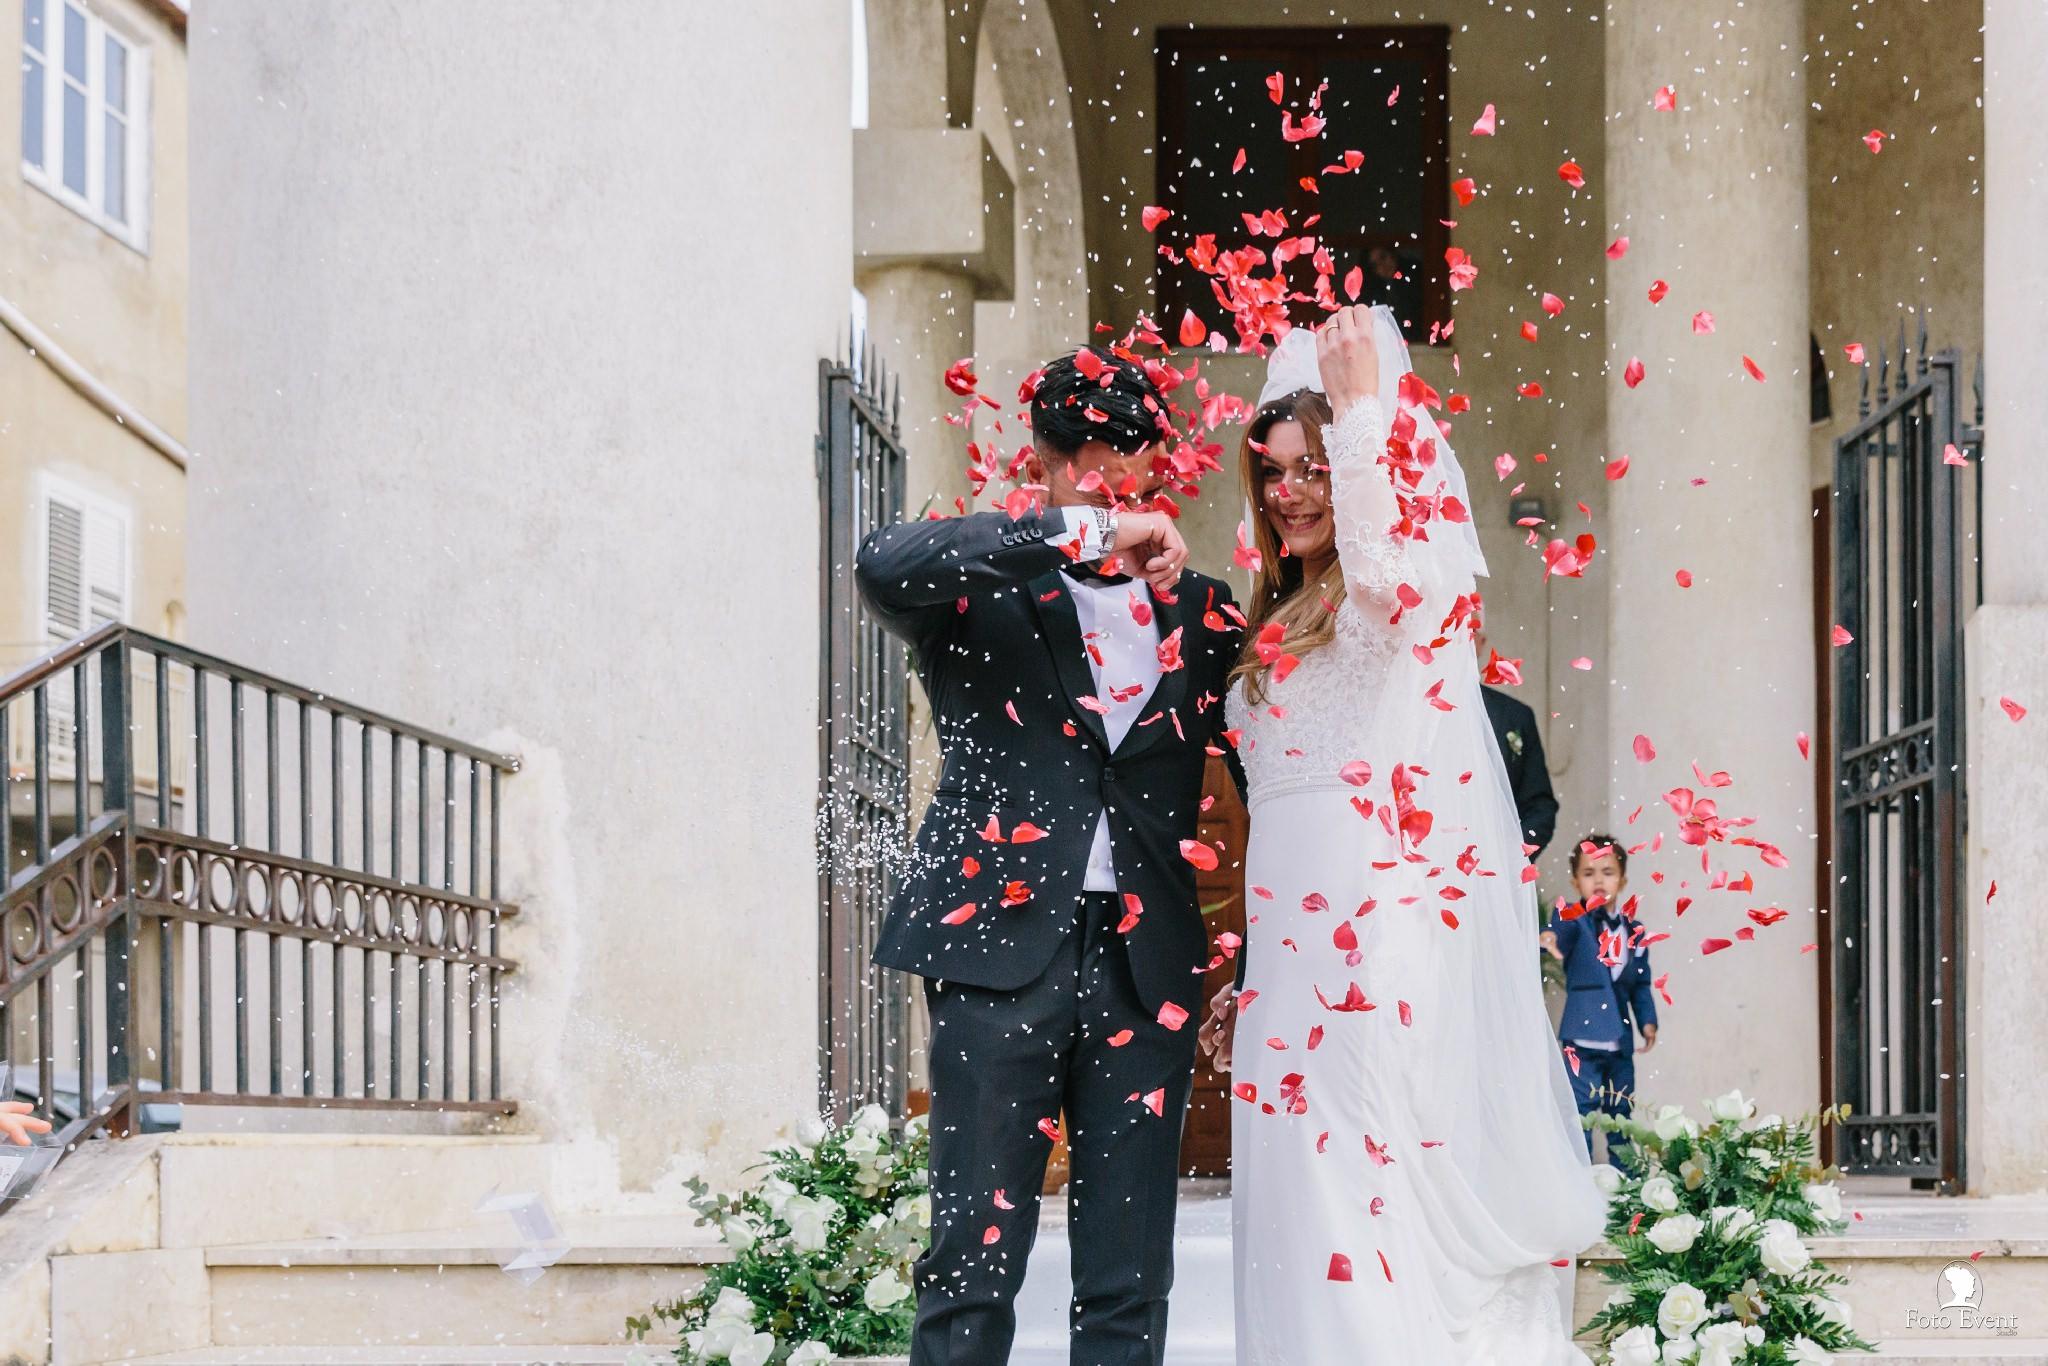 536-2019-05-09-Matrimonio-Maria-Concetta-e-Daniel-Gebbia-5DE-1150